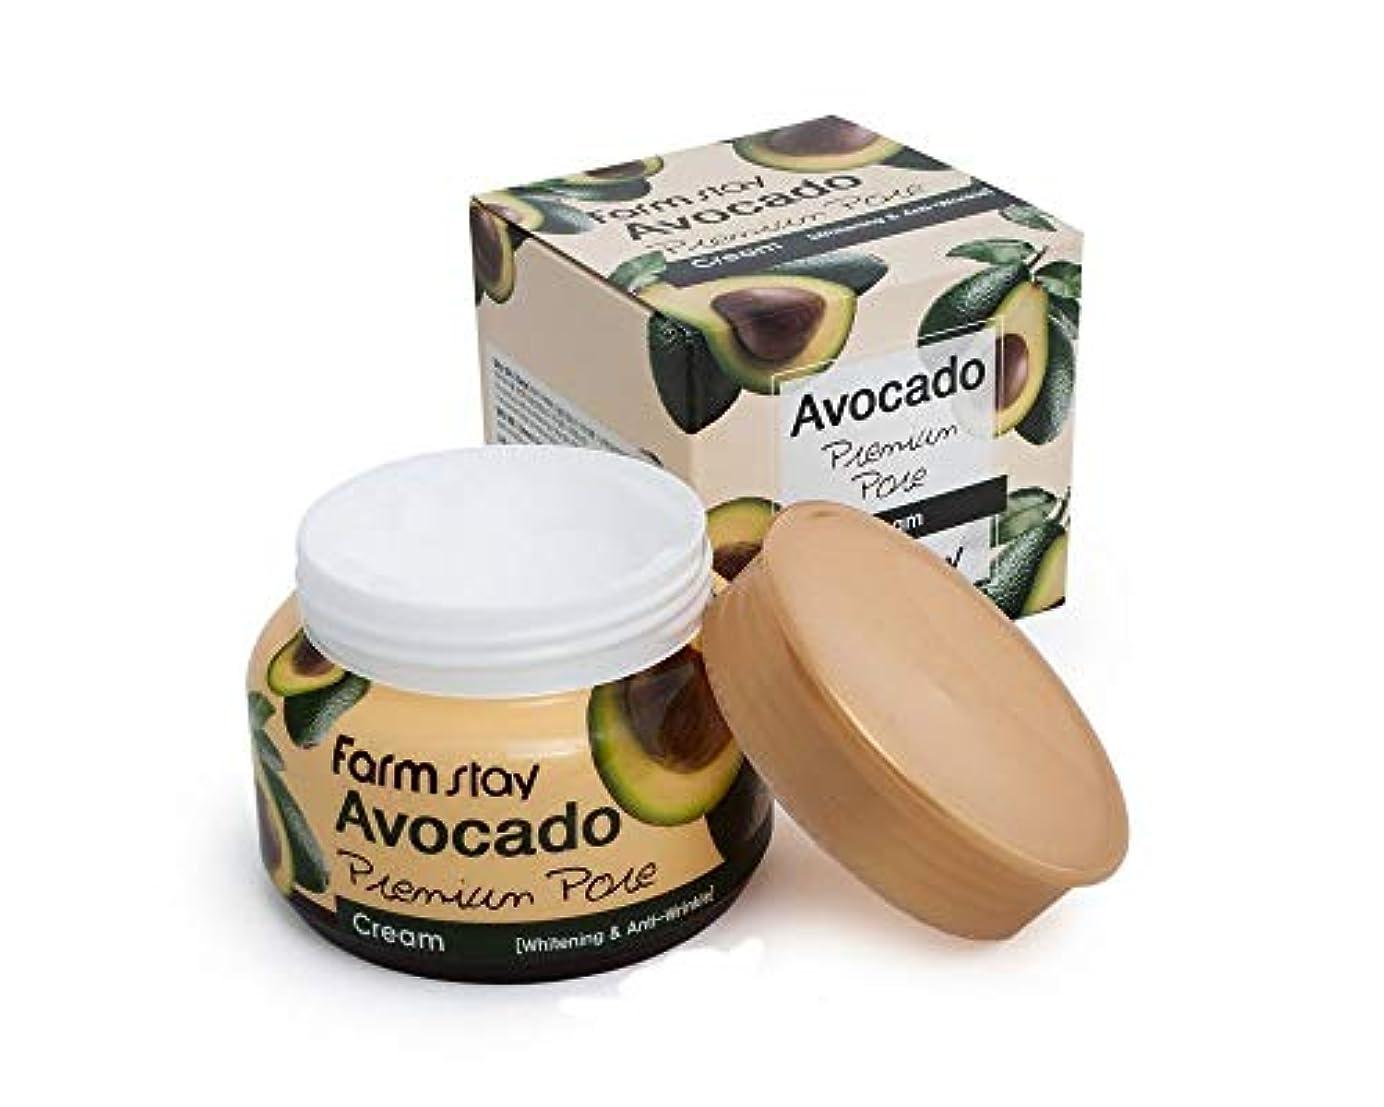 インシュレータスチュワードヘクタールファームステイ[Farm Stay] アボカドプレミアムポアクリーム 100g / Avocado Premium Pore Cream